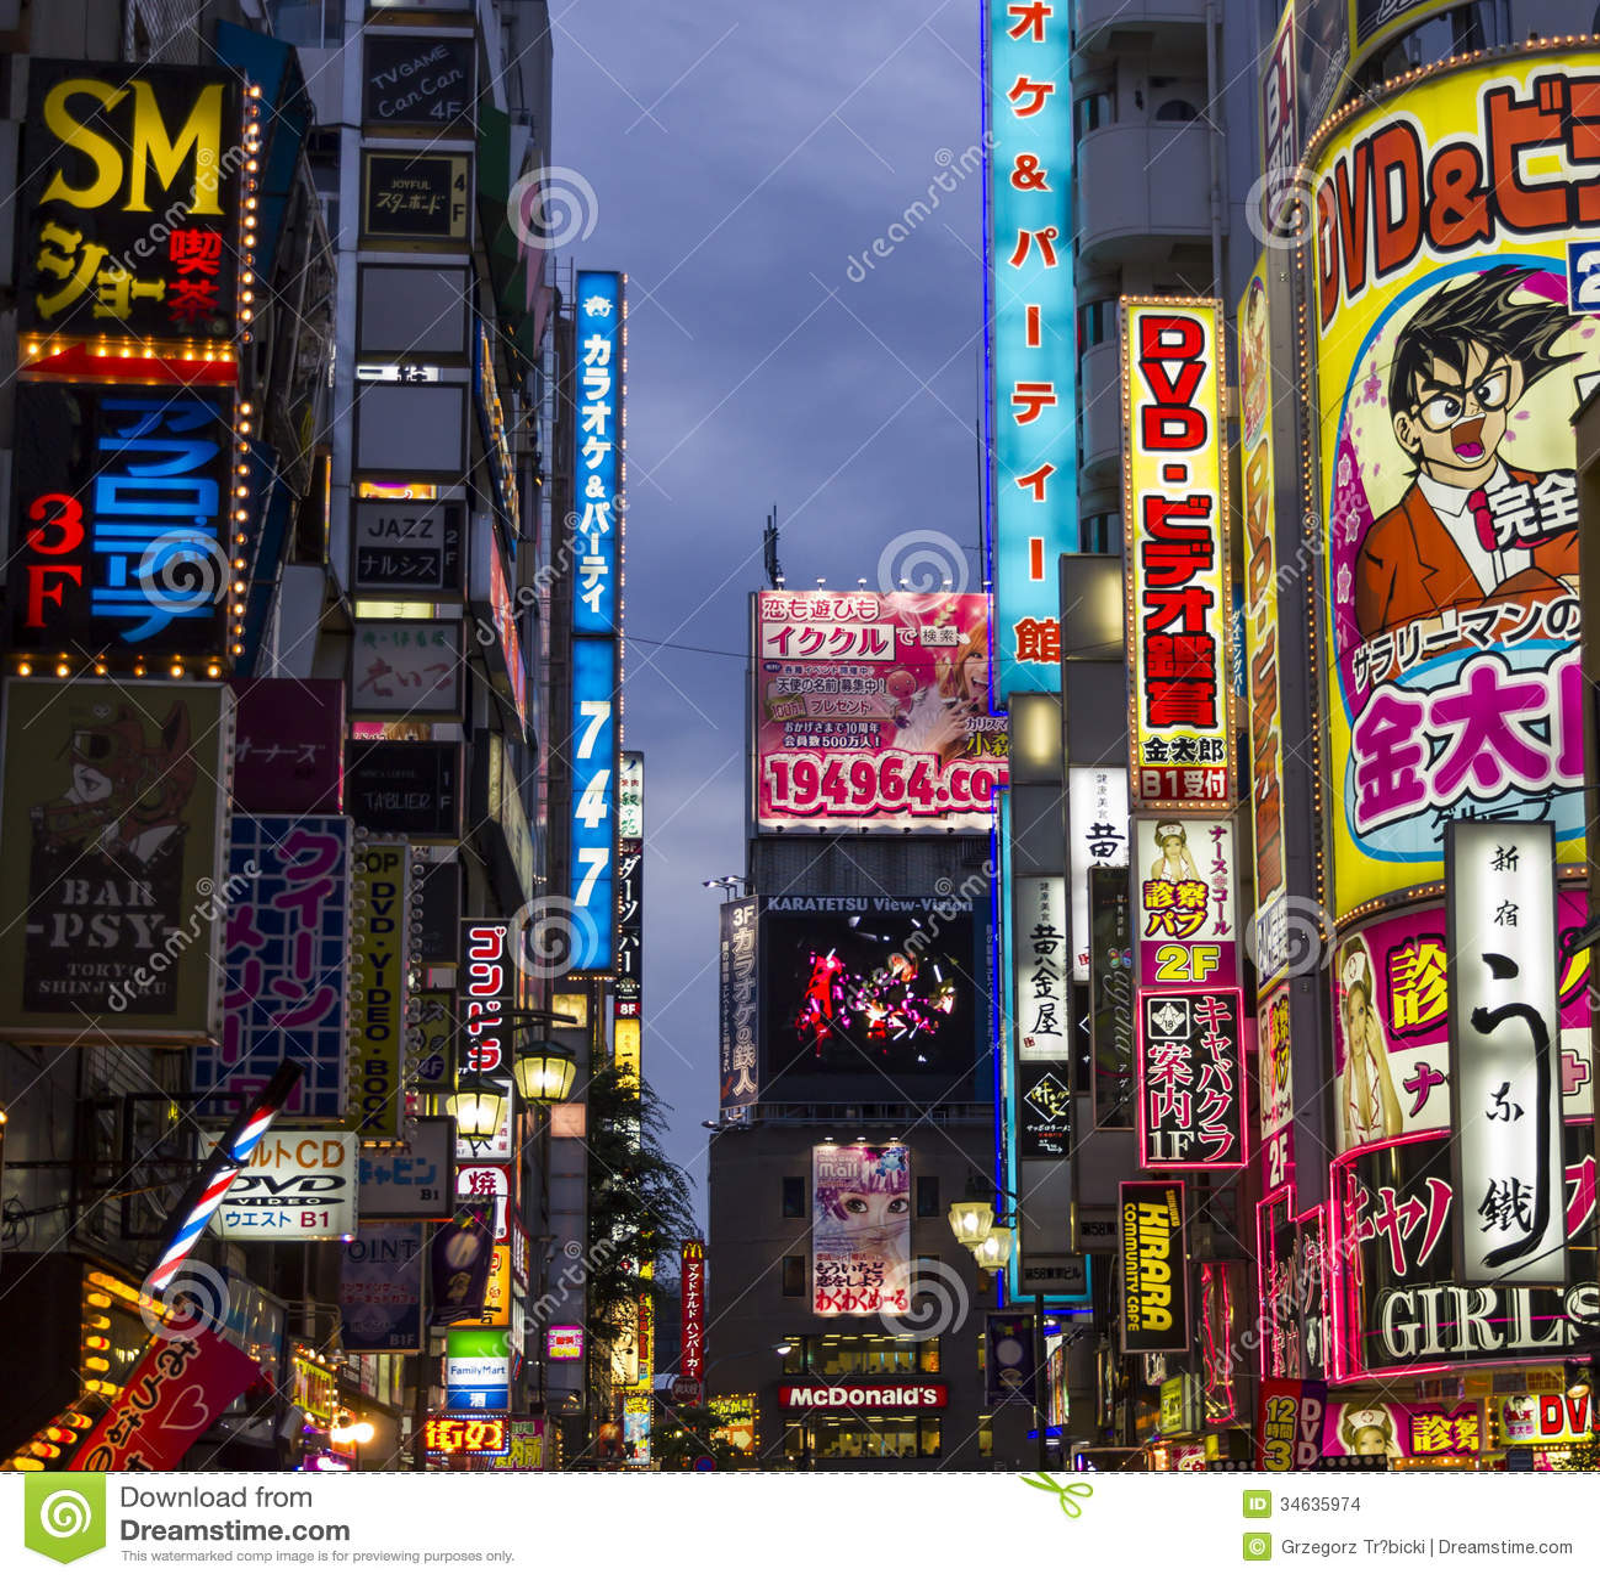 Luci Al Neon Nel Distretto Di Shinjuku, Tokyo, Giappone. Immagine Stock Edito...